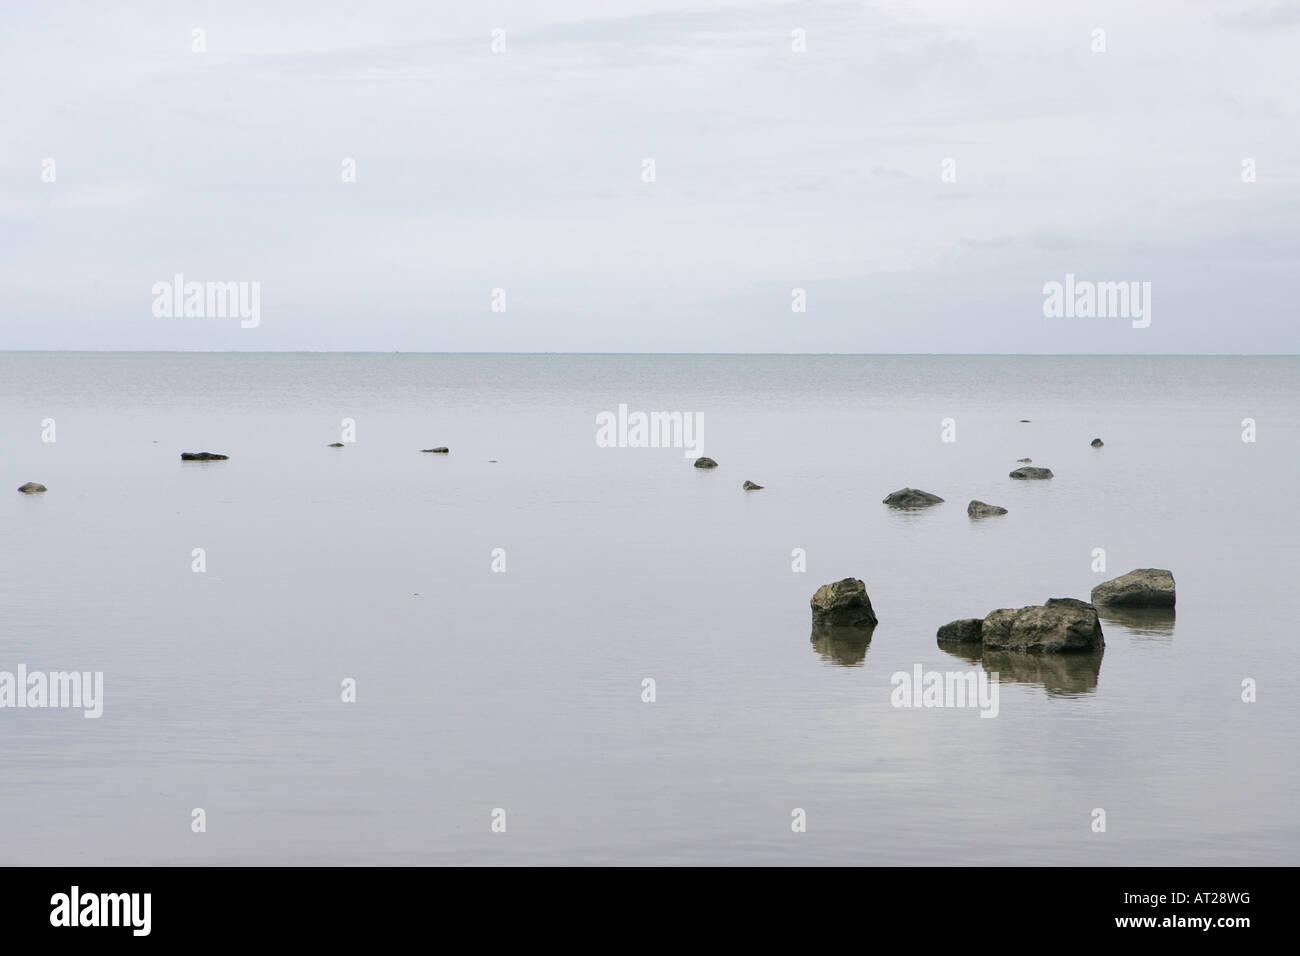 Seascape, Mauritius - Stock Image